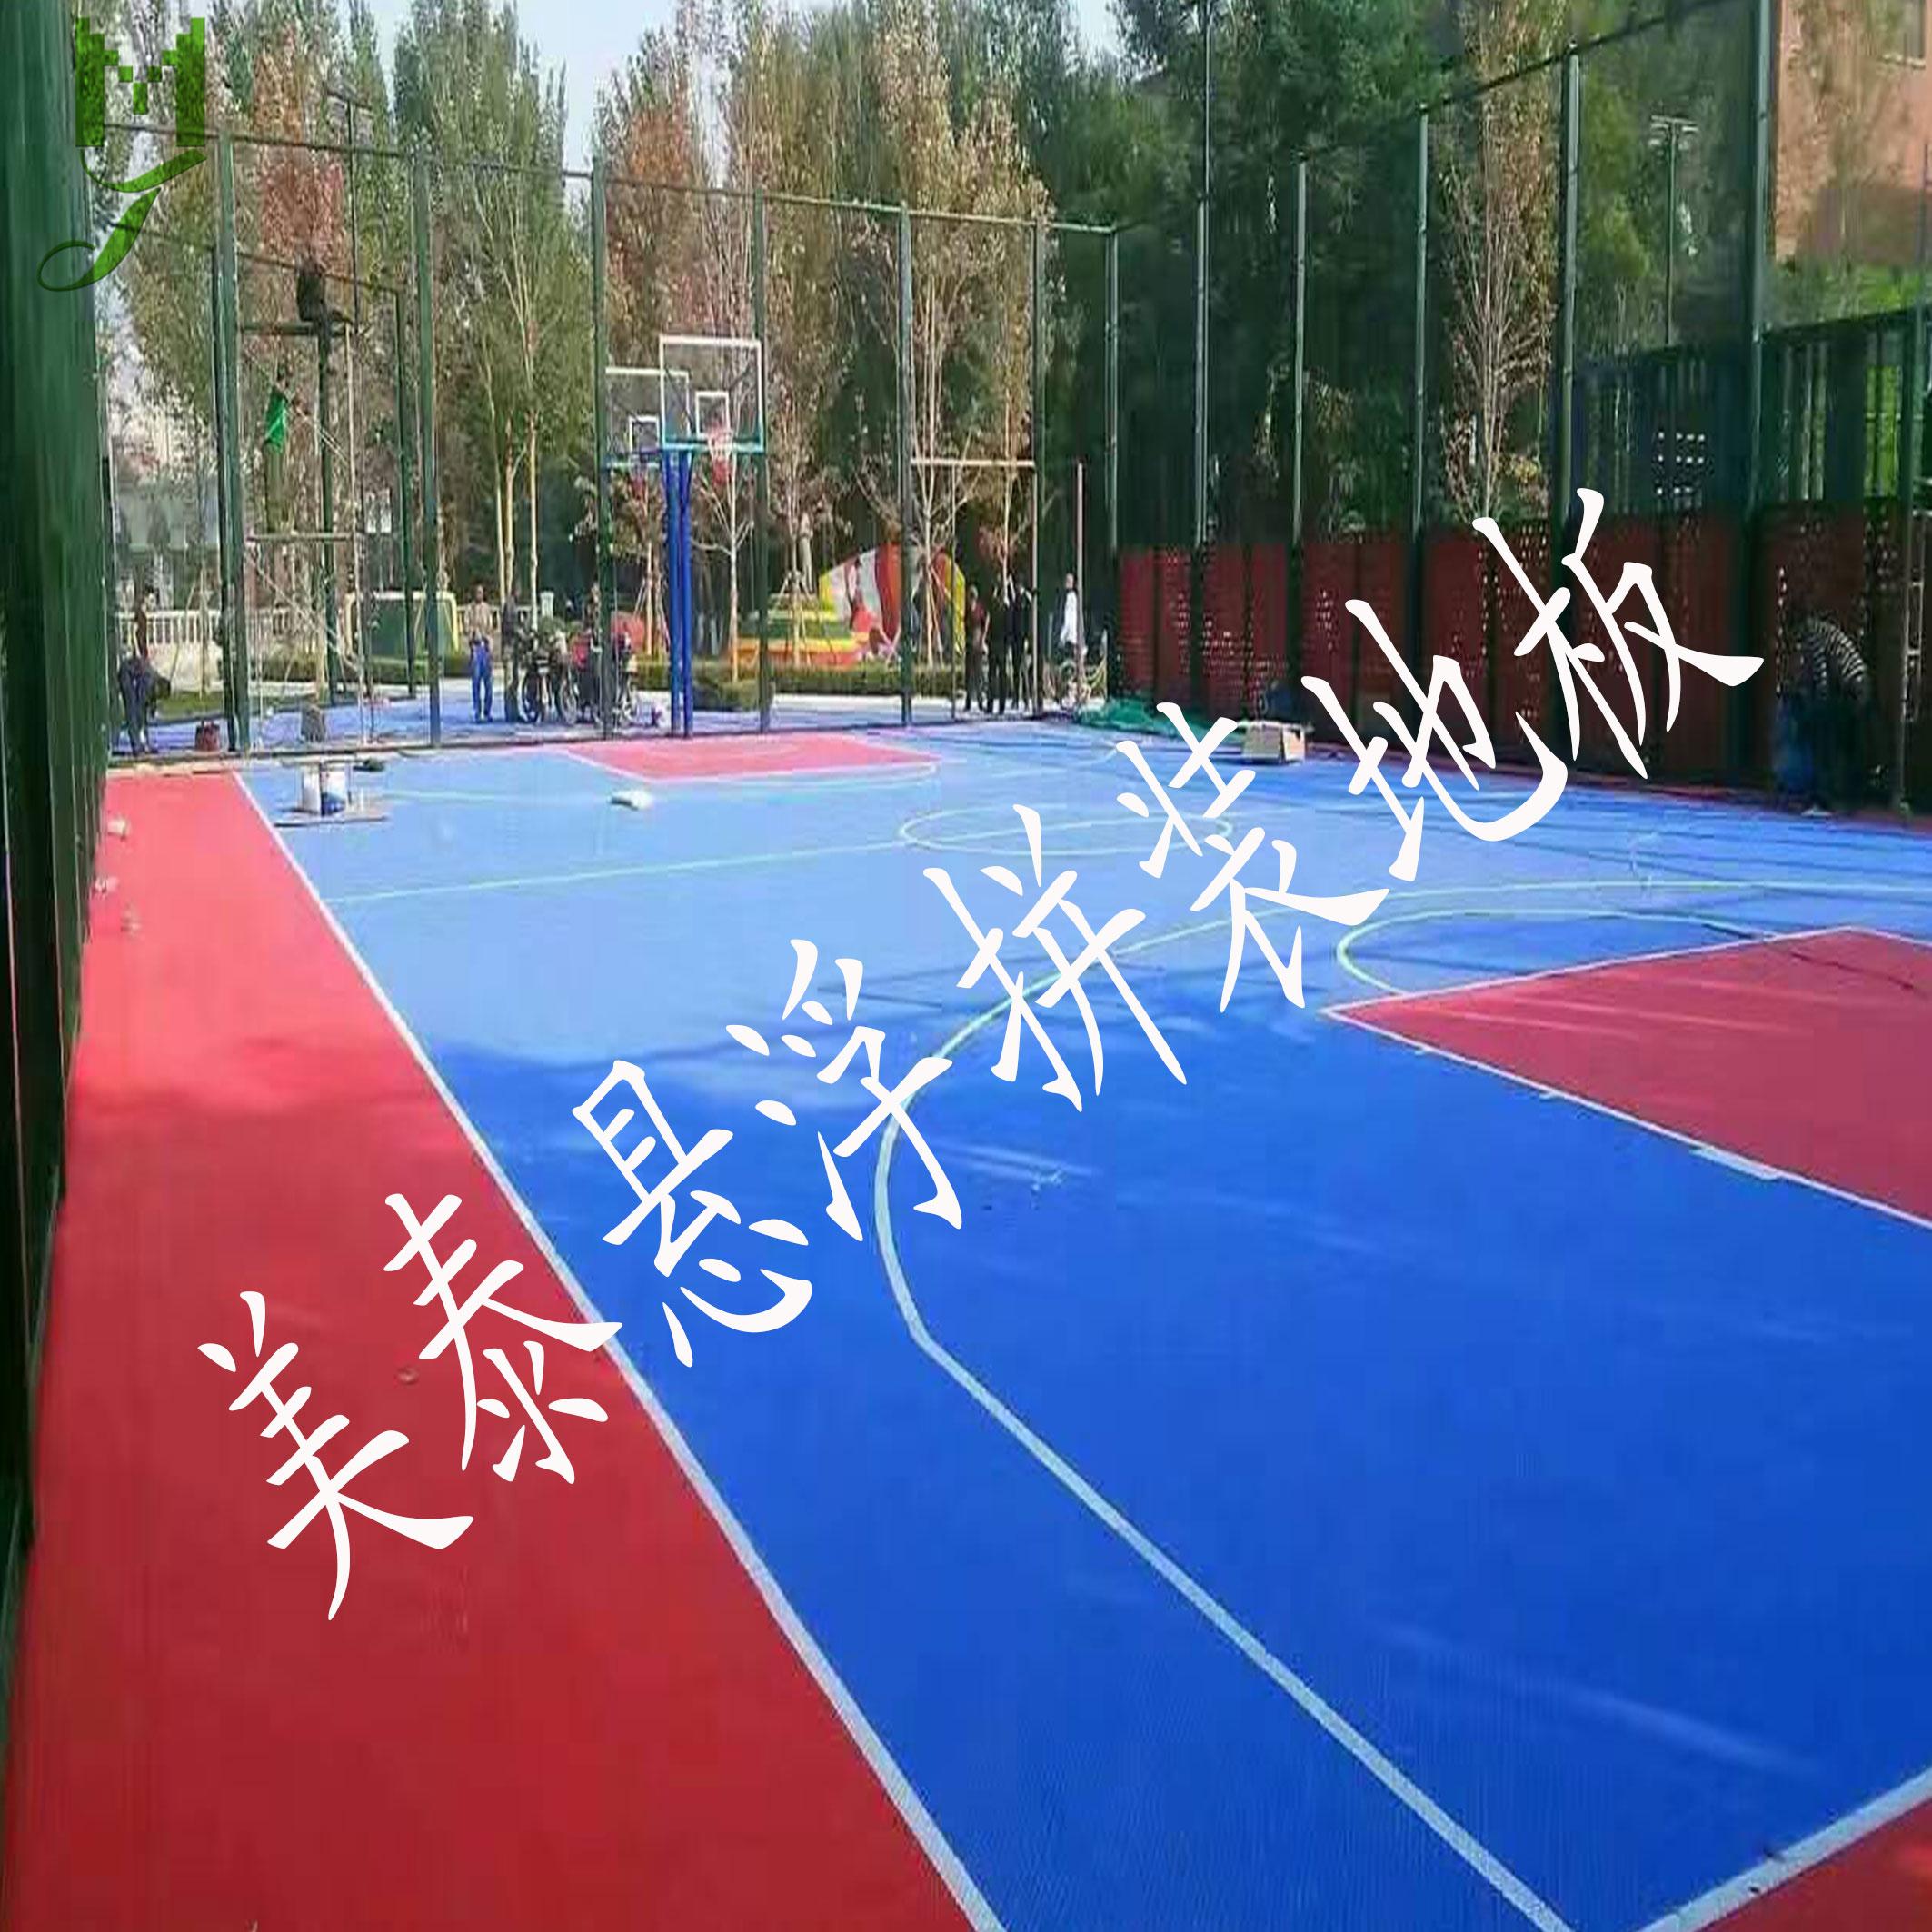 幼儿园拼装地板篮球场双层地垫双米悬浮式运动地板菱形方扣